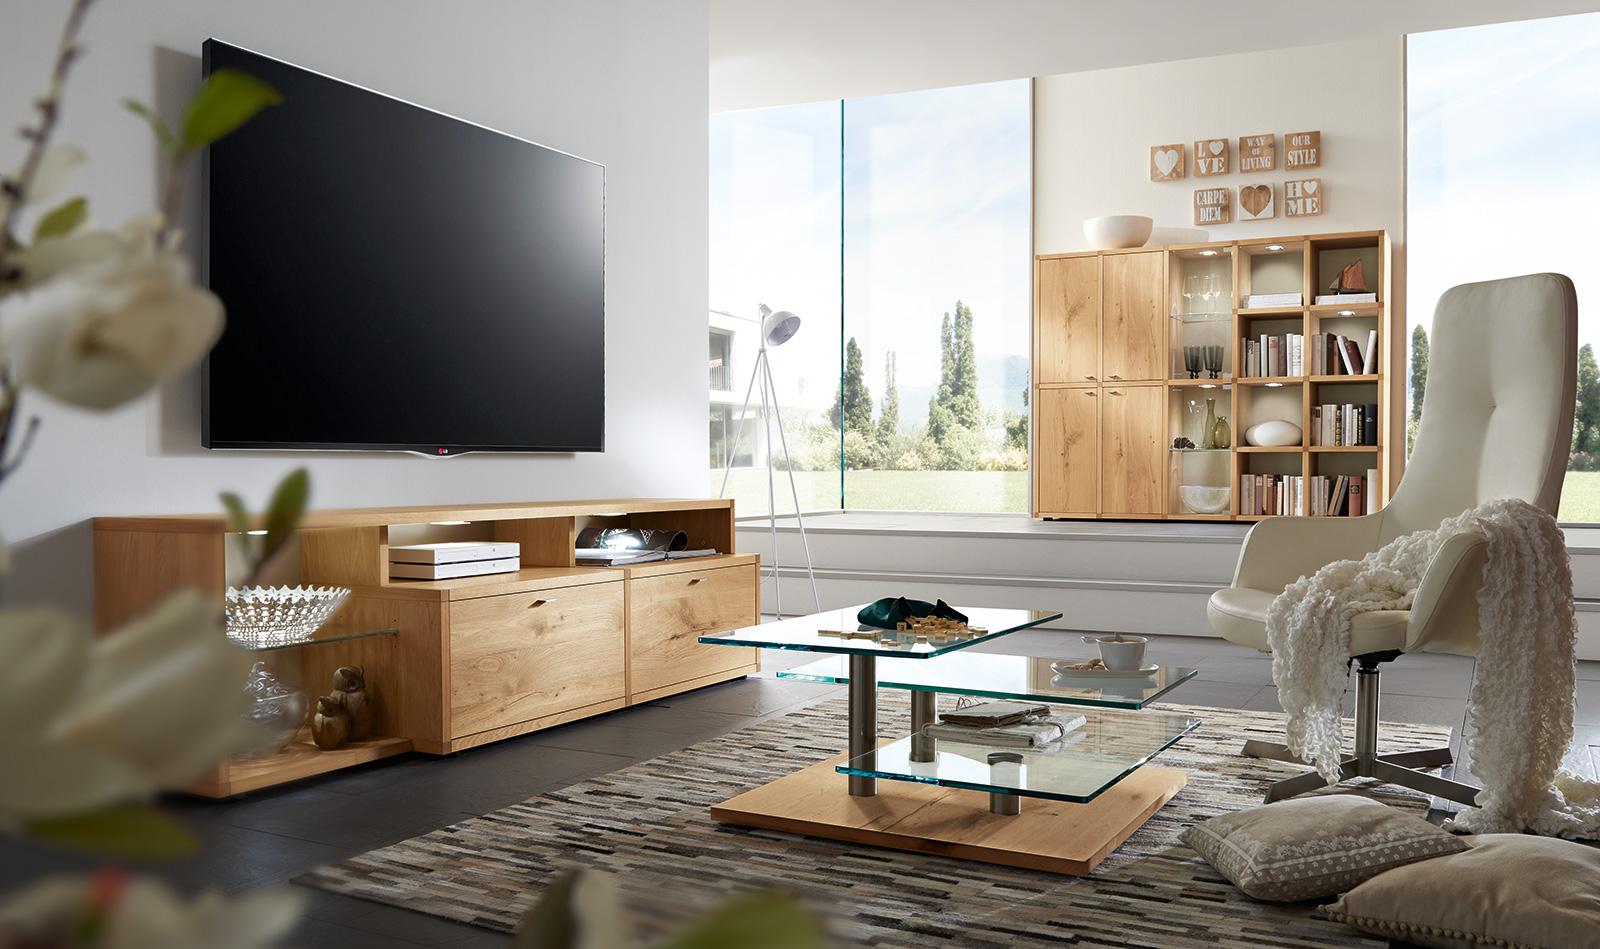 wohnzimmer - programme - anna - venjakob möbel - vorsprung durch, Wohnzimmer dekoo